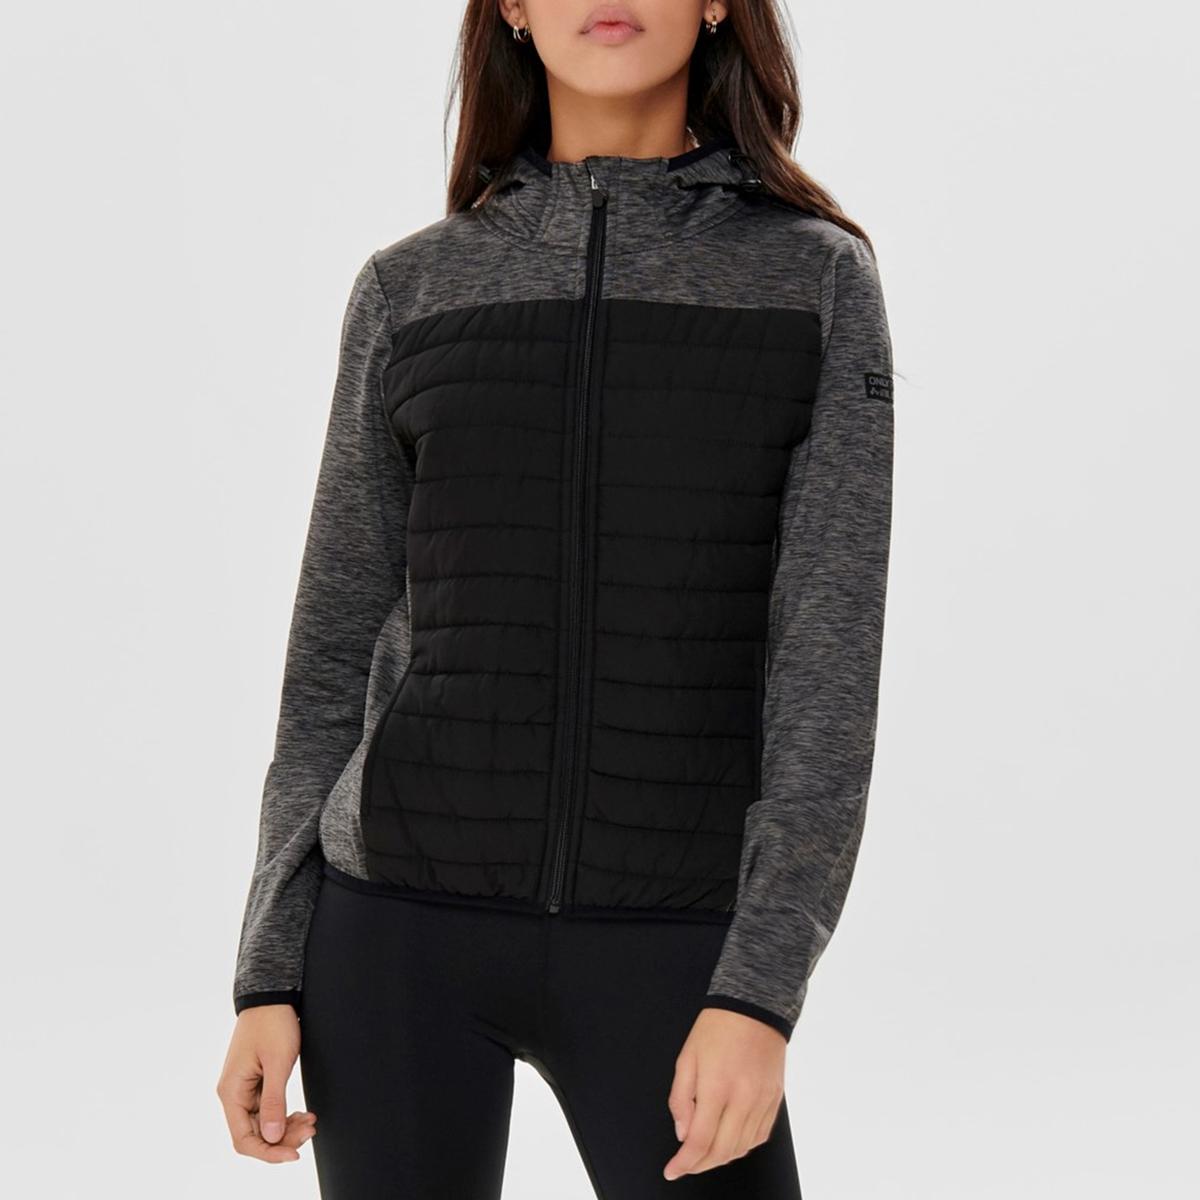 Image of Giacca anti vento, giacca sportiva Vera con cappuccio